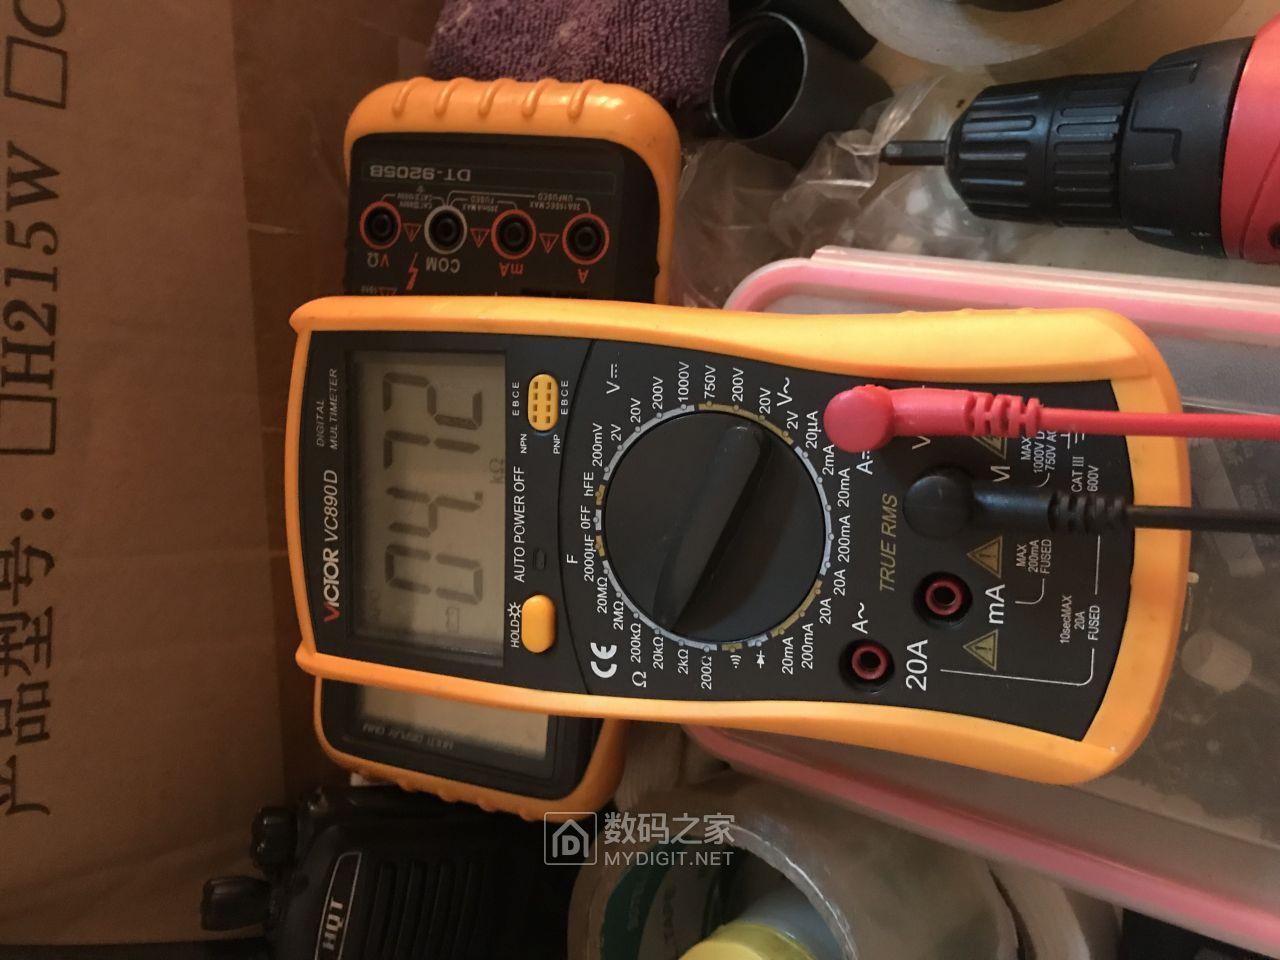 1EF5FE1A-B220-415E-993C-2710214B752E.jpeg